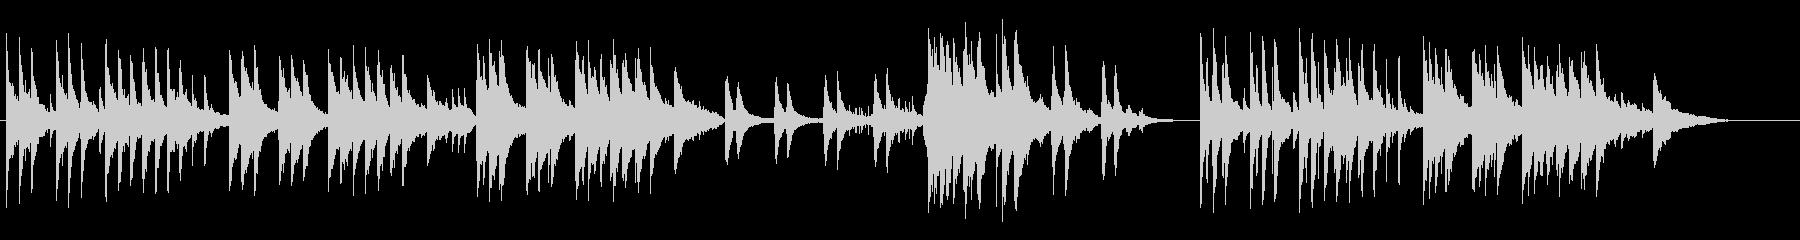 センチメンタルなピアノ+ダルシマーの未再生の波形